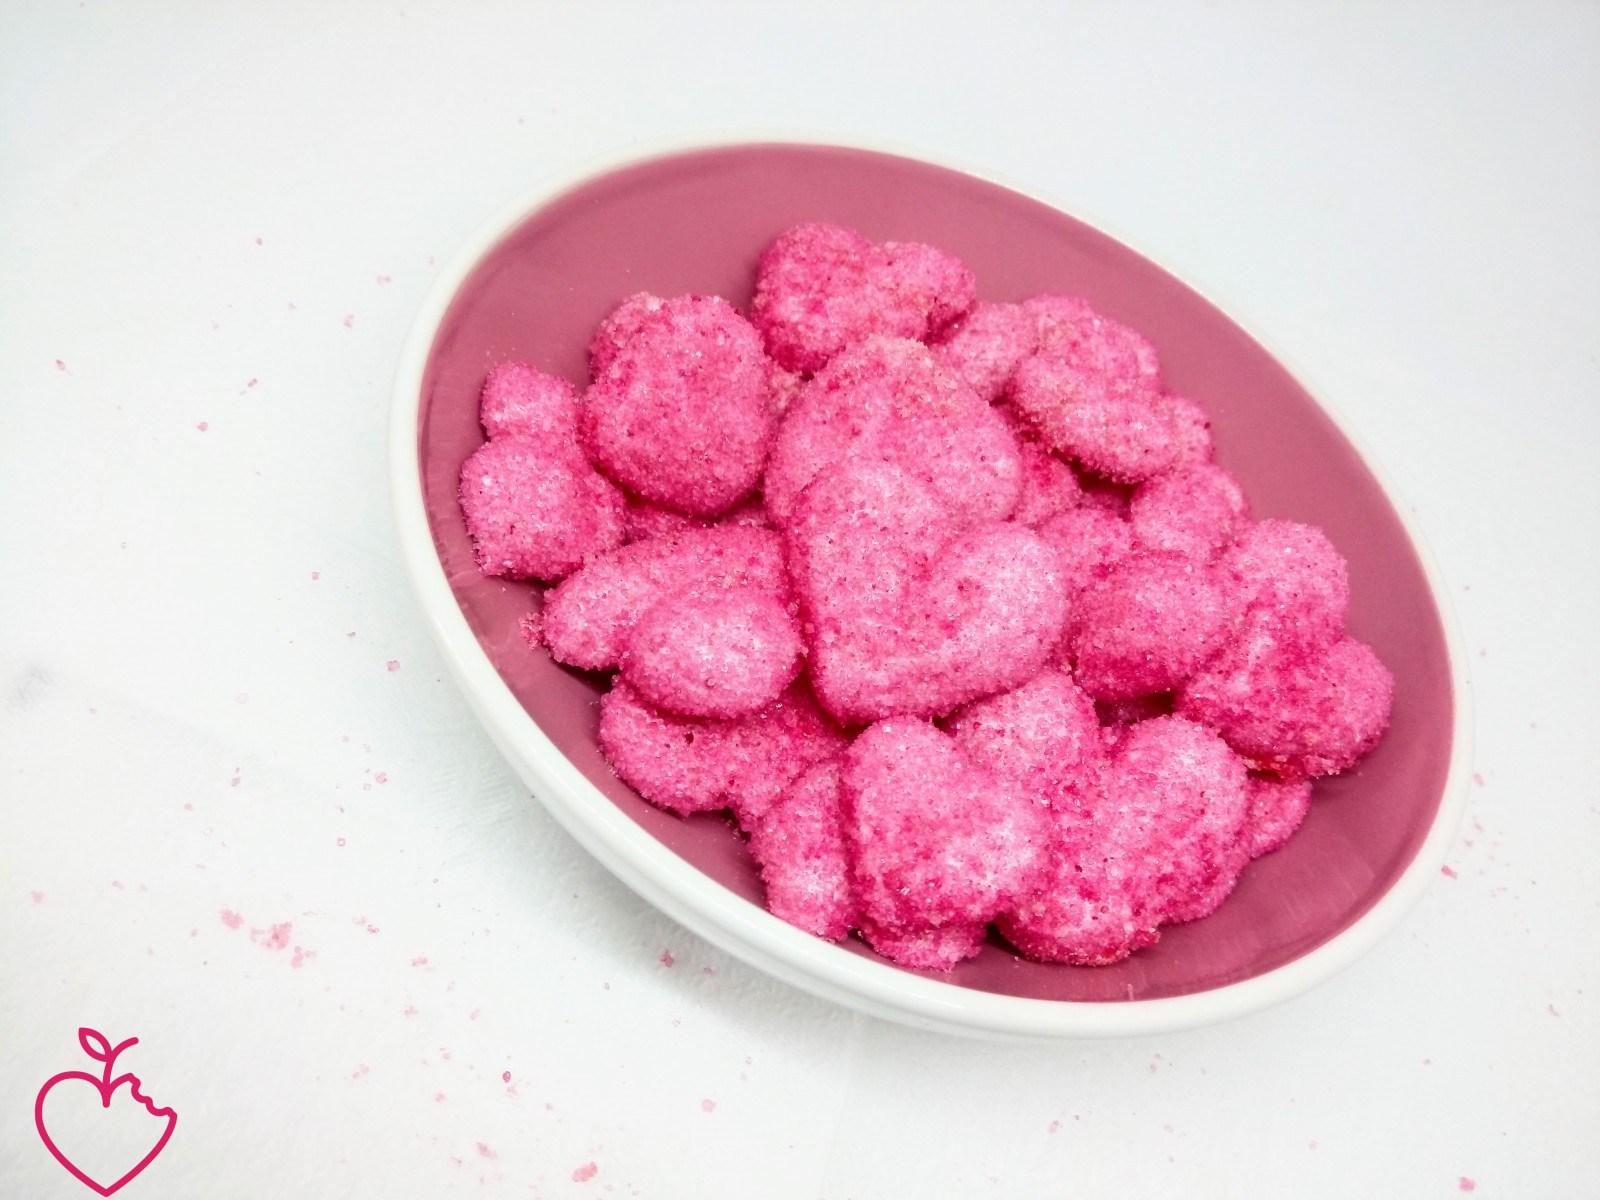 Cuori di Marshmallow alla fragola